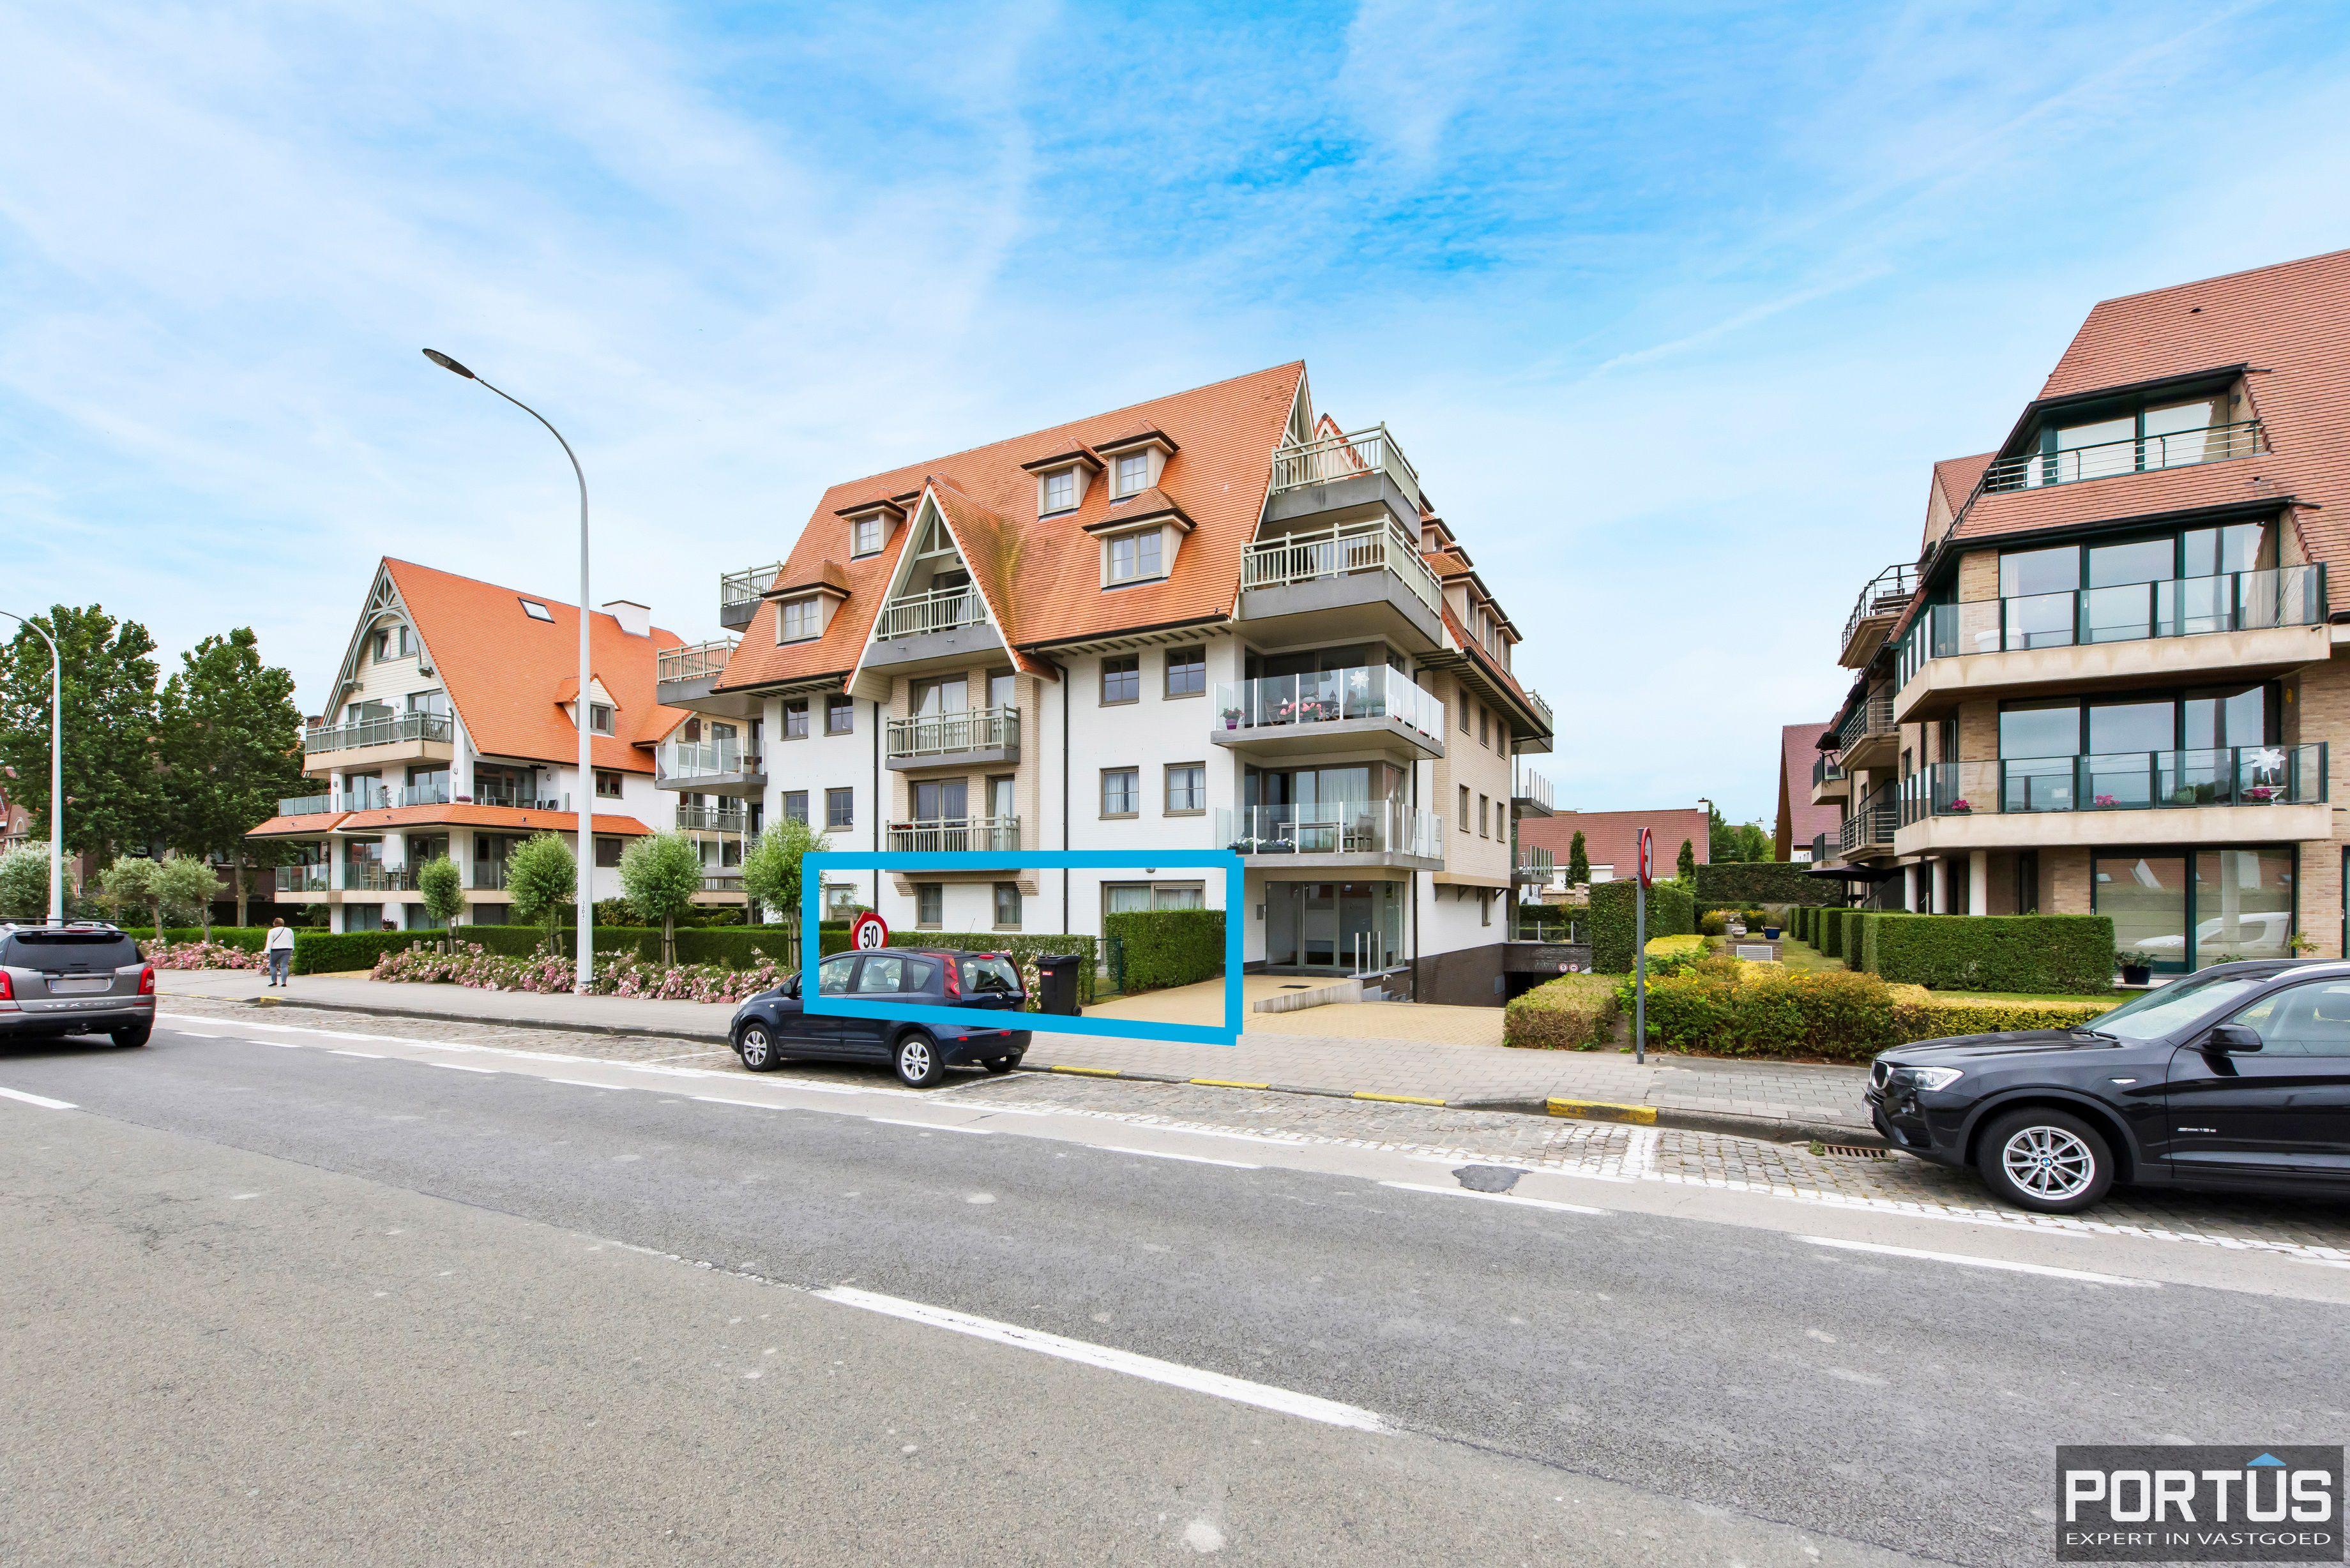 Gelijkvloers appartement te koop met 2 slaapkamers en privé tuin - 9847